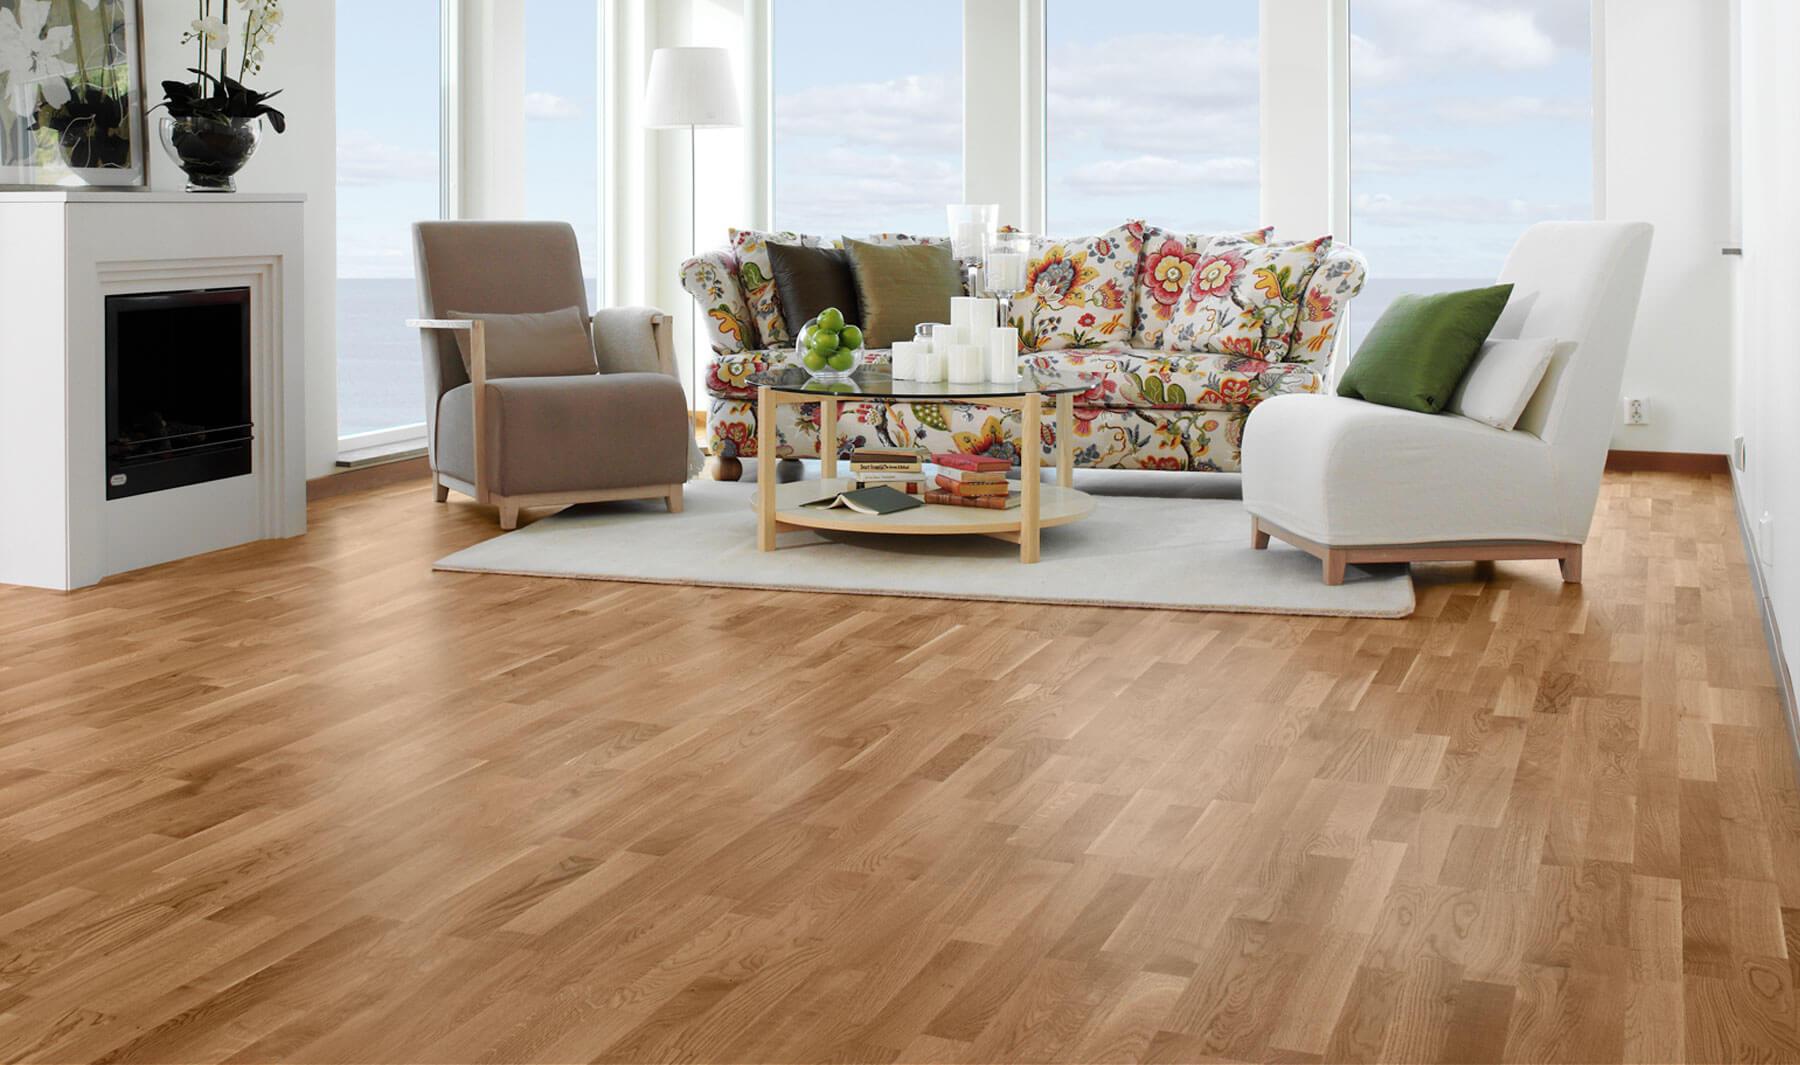 Café para limpar os pisos de madeira